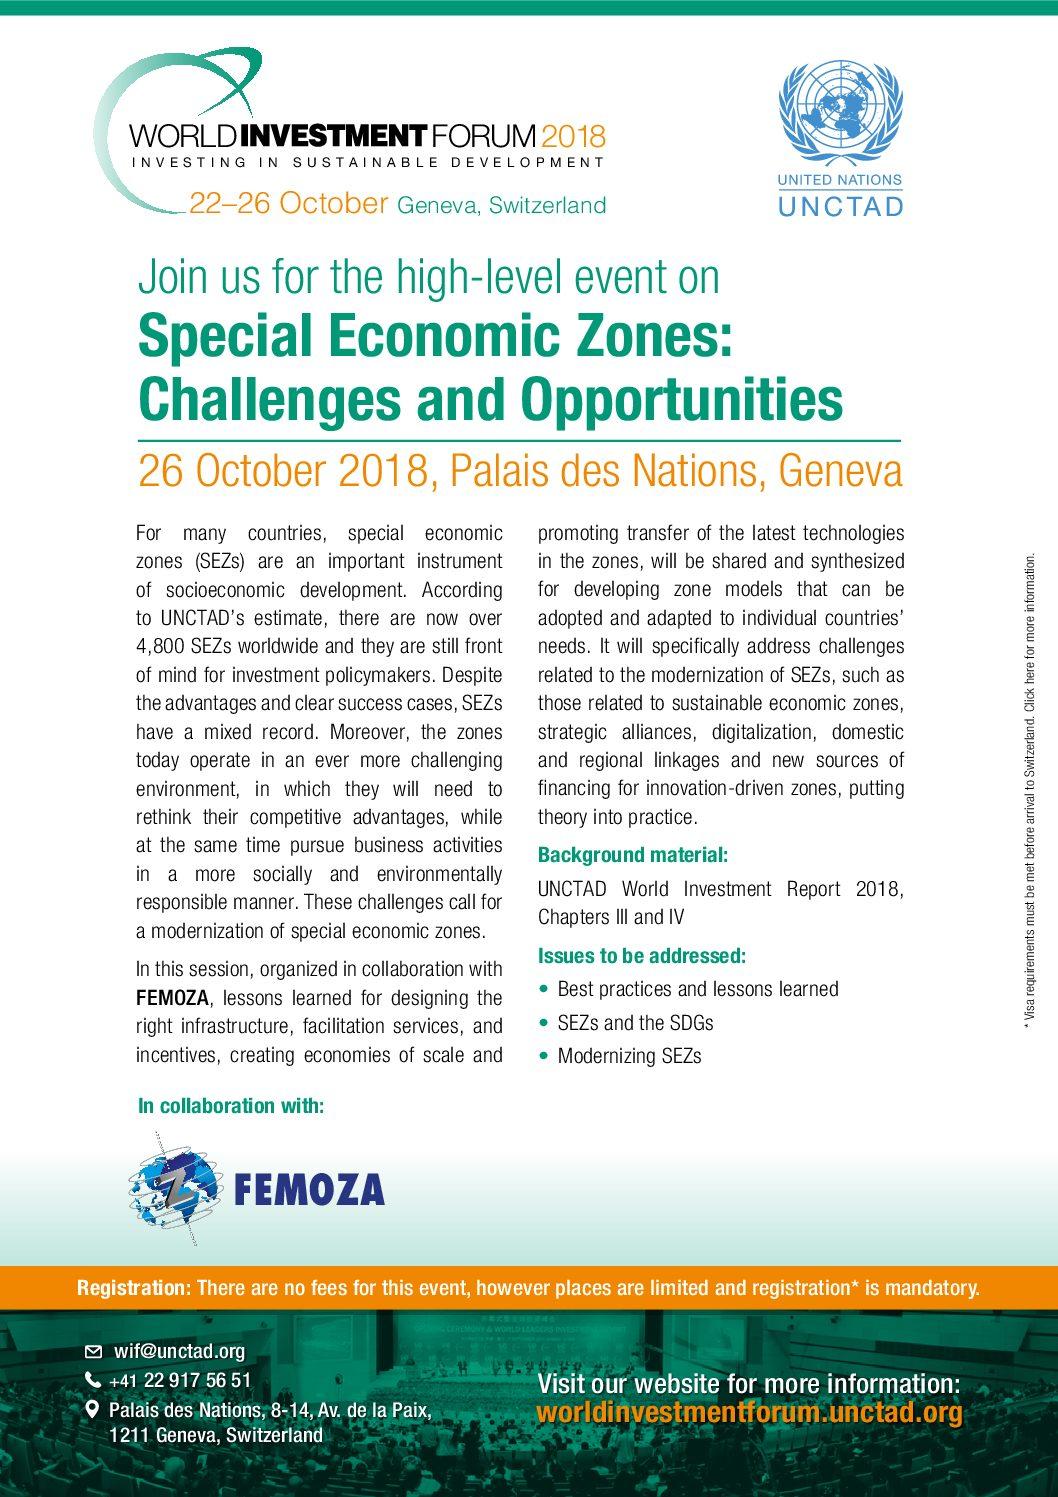 UNCTAD e FEMOZA promovem seminário sobre zonas francas no 2018 World Investment Forum – 26/10/2018.